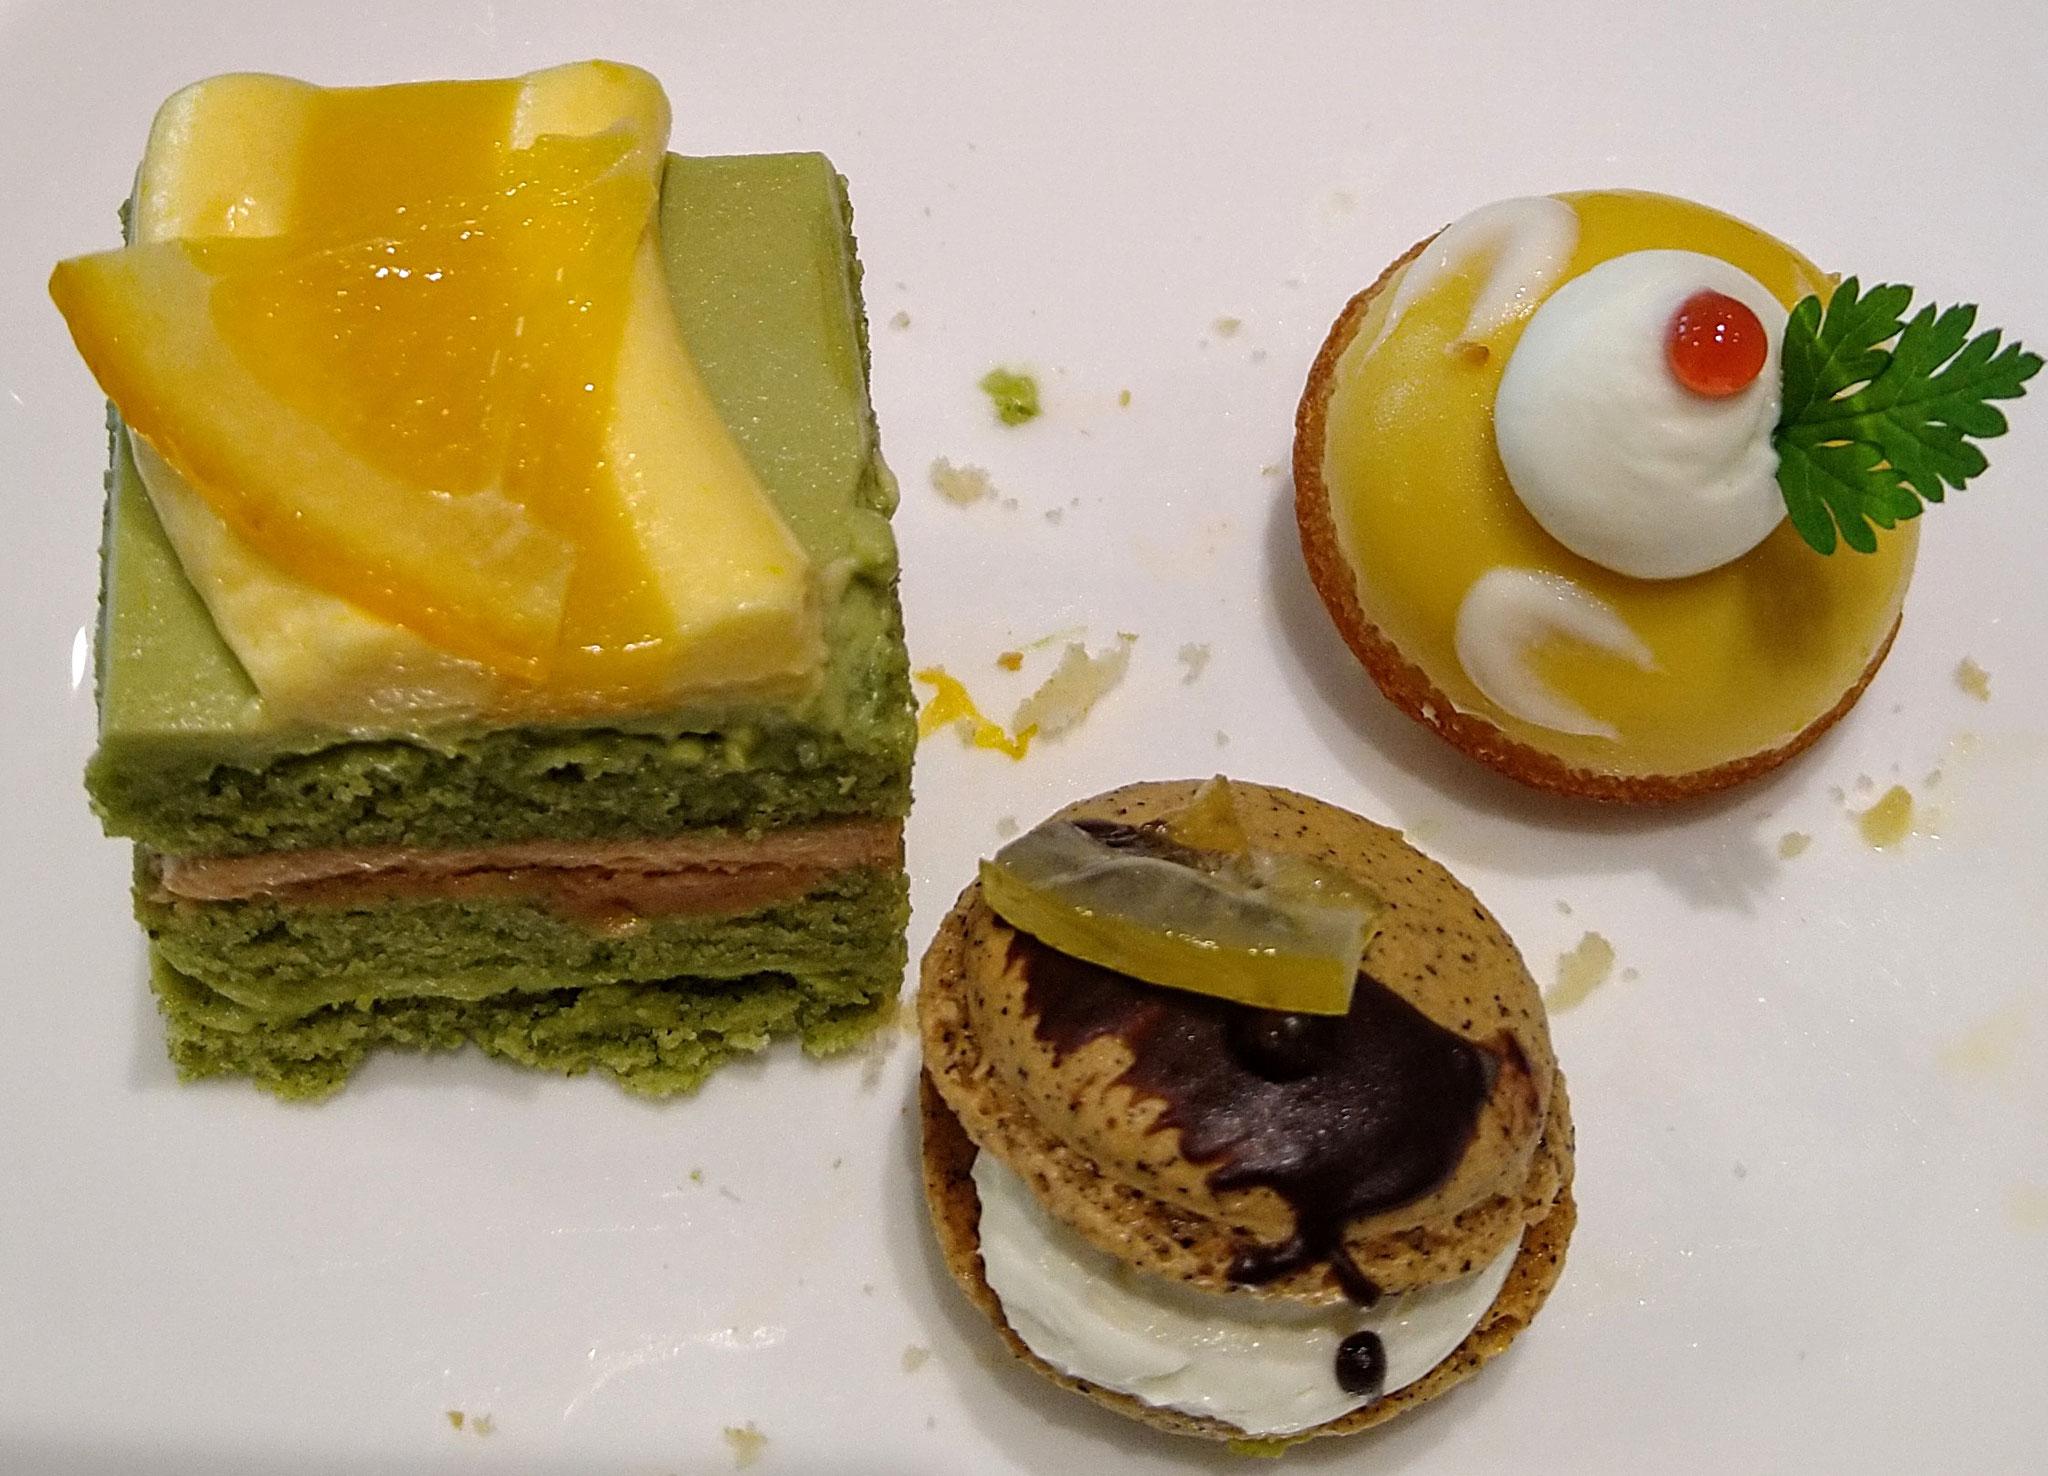 レモンマドレーヌ・紅茶のマカロン・抹茶とオレンジのマルジョレーヌ